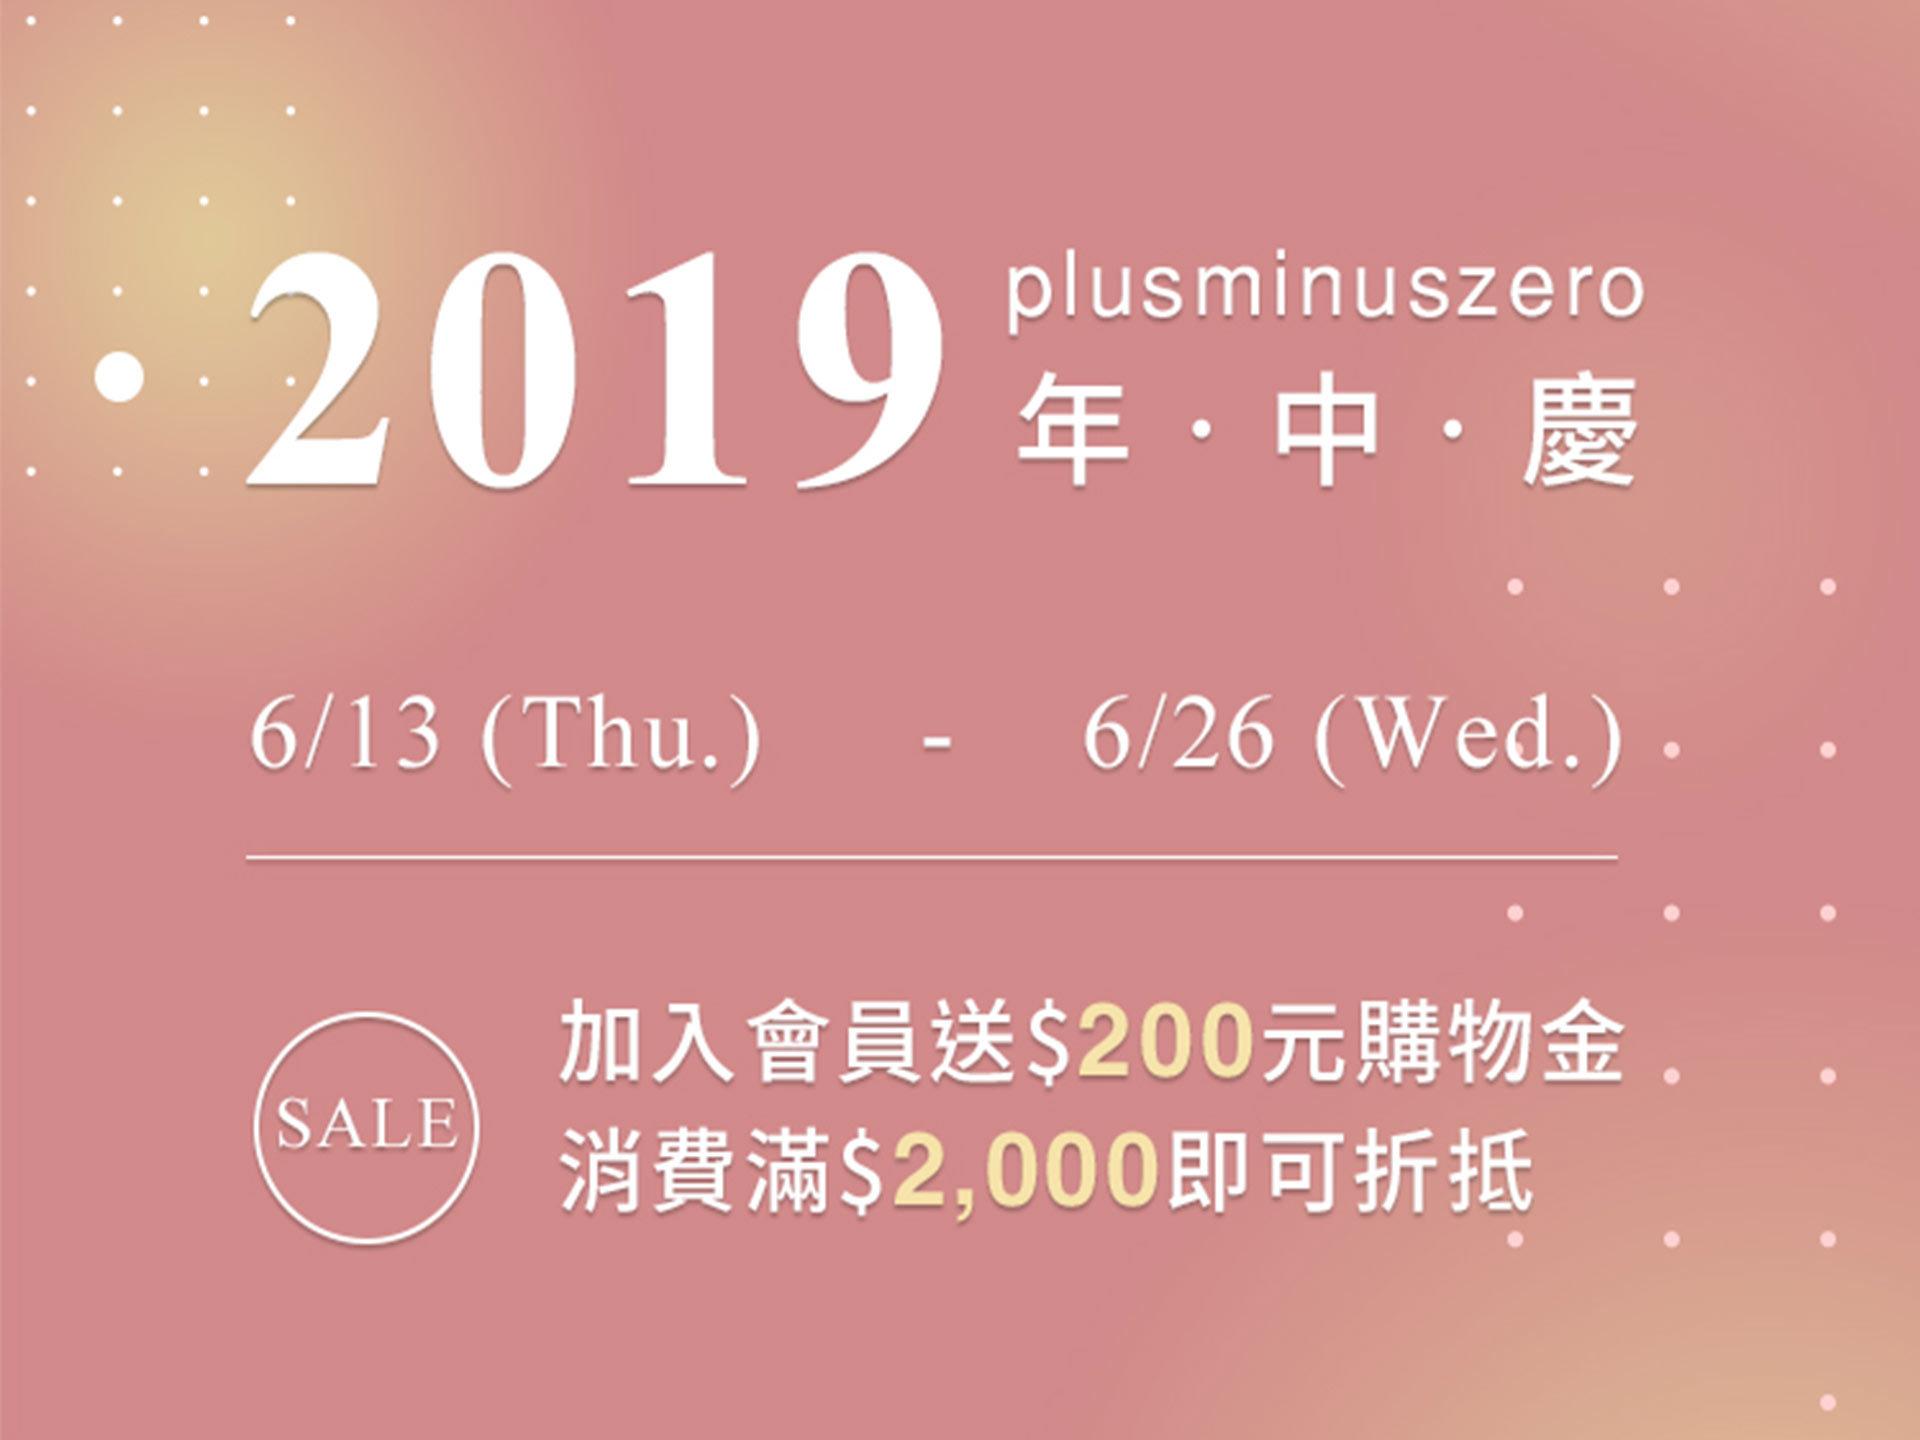 【2019年中慶!】官網會員送購物金$200元